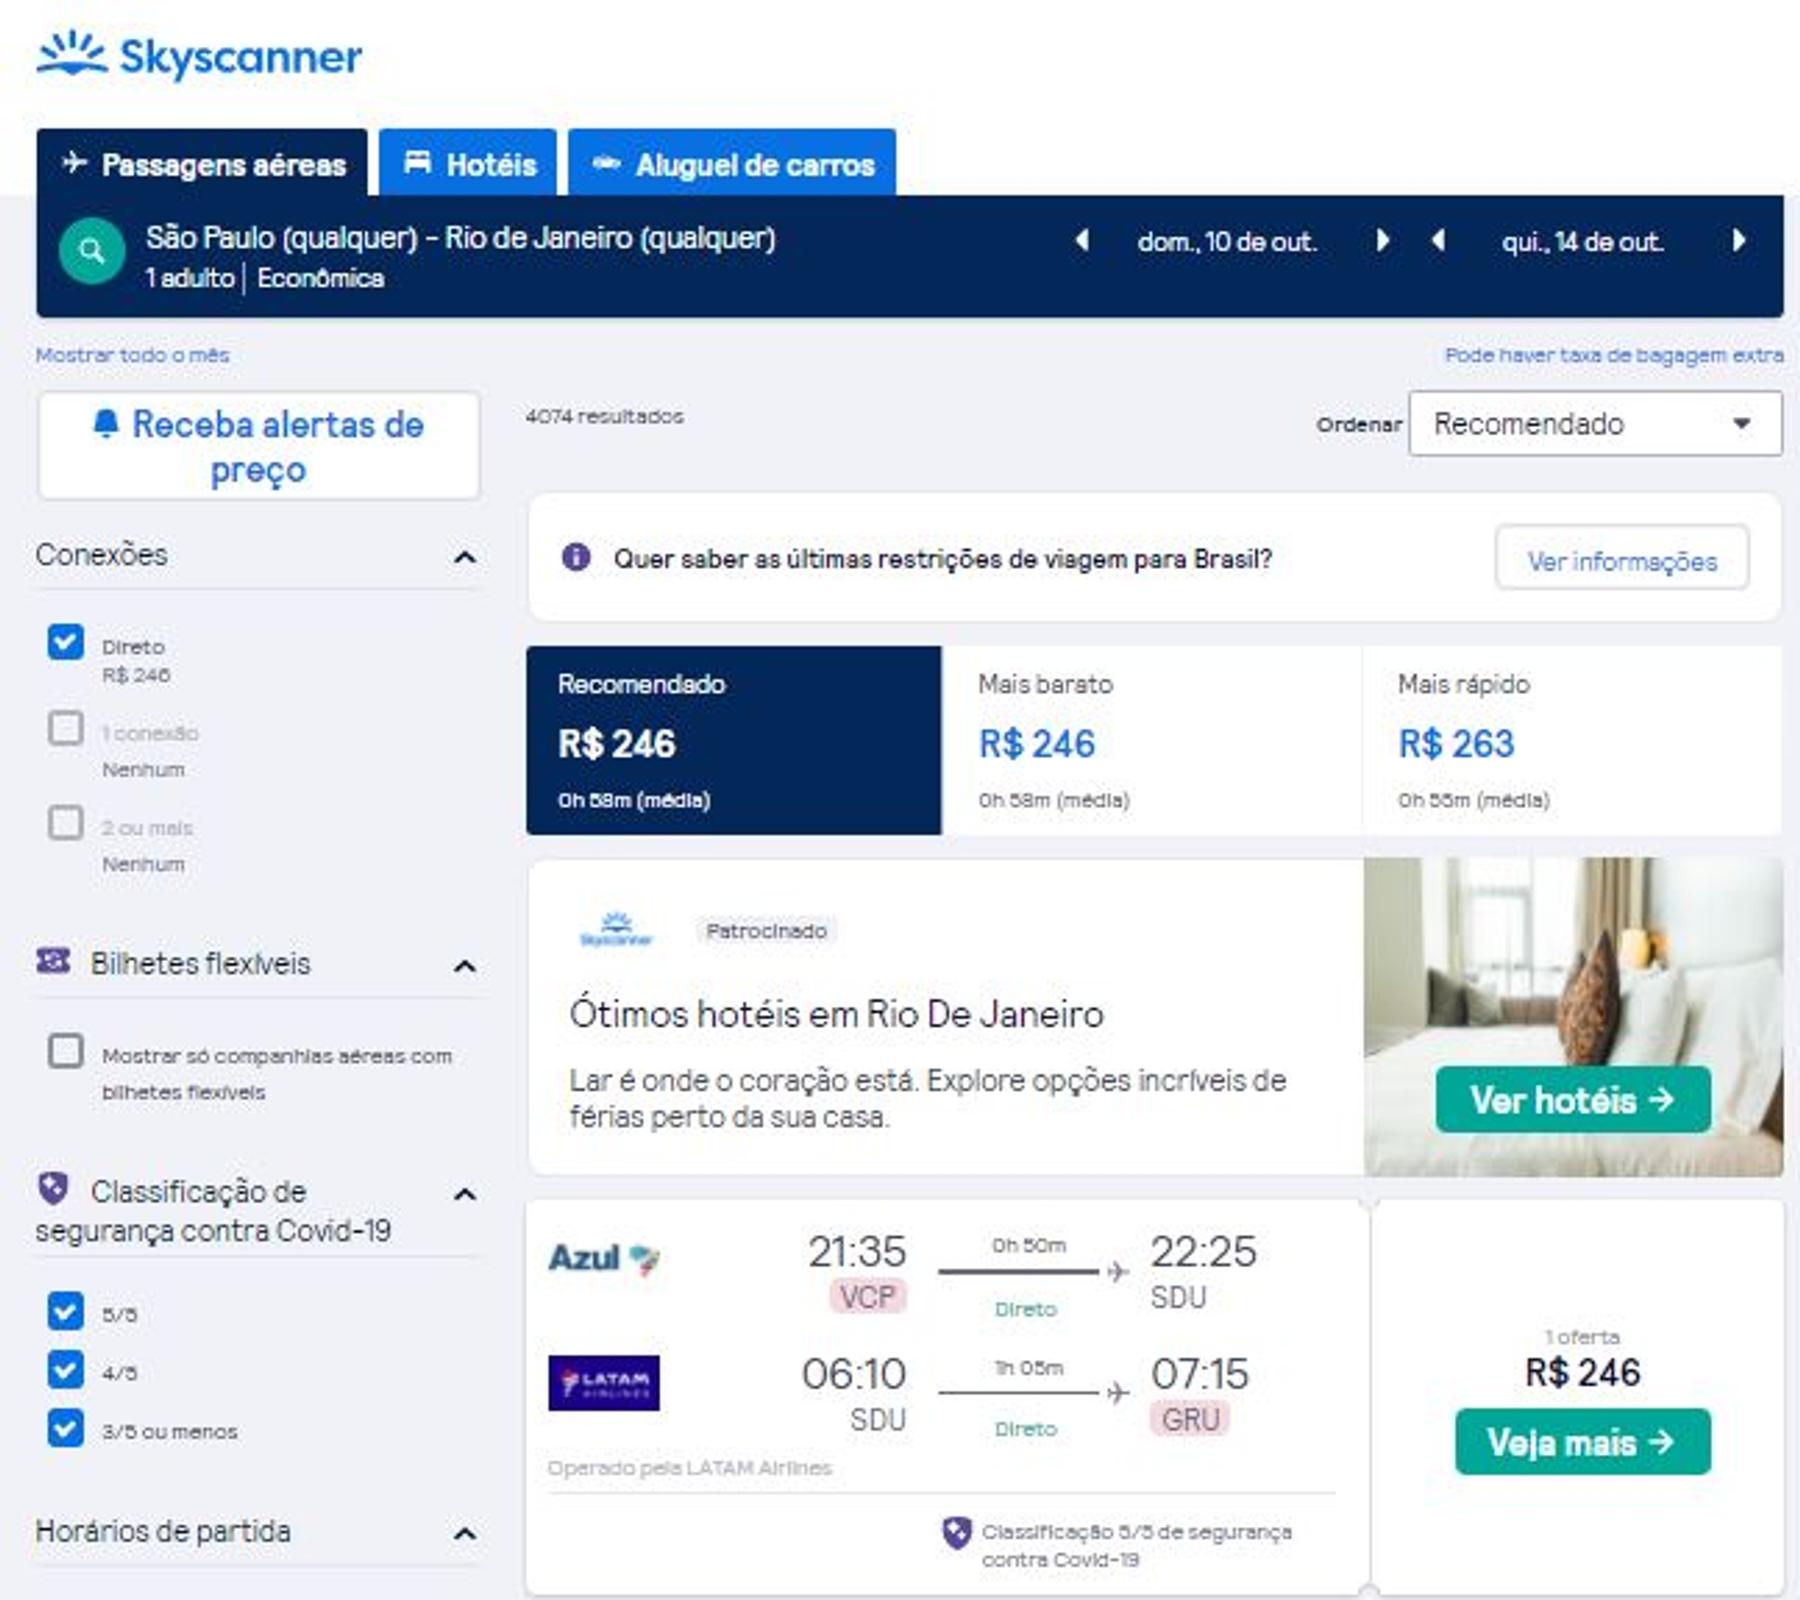 Resultado das buscas no site Skyscanner para passagens aéreas em promoção relâmpago